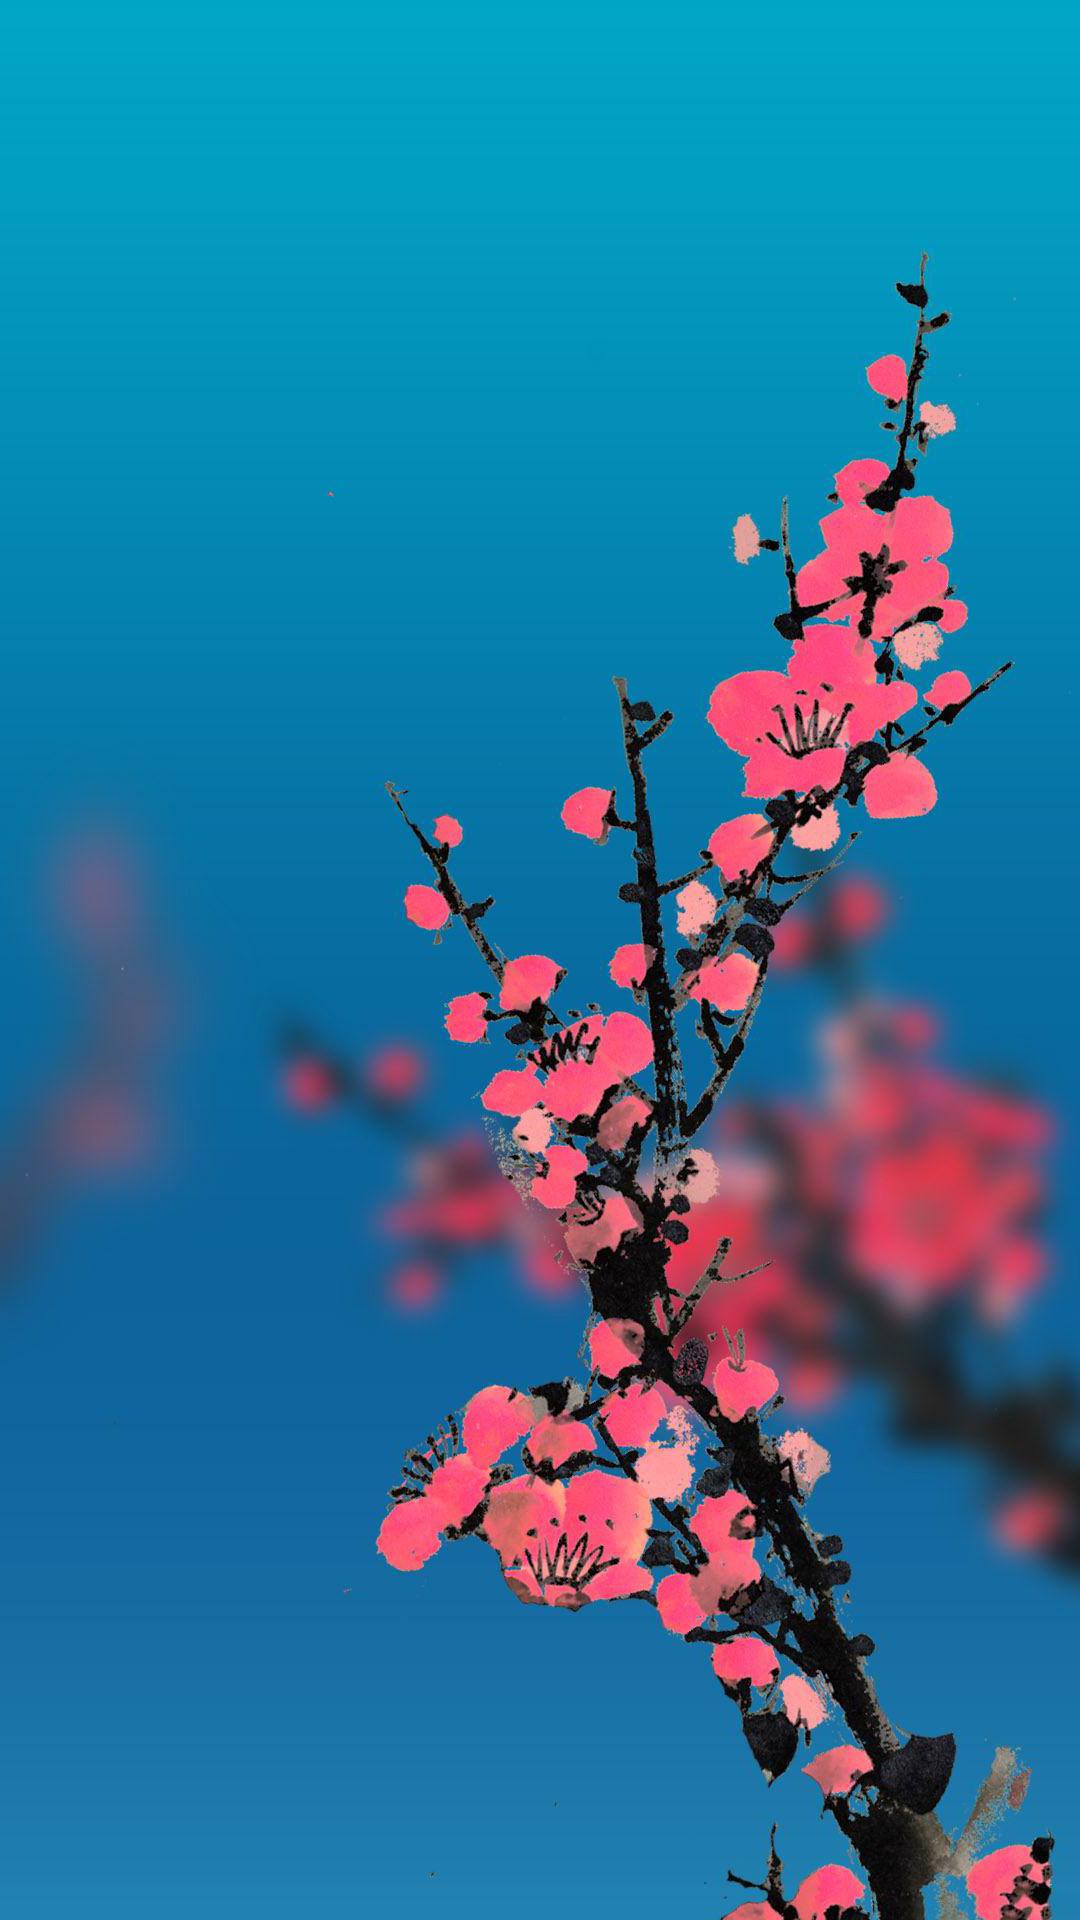 Chia sẻ bộ hình nền hoa cỏ dành cho Xiaomi Redmi Note 4